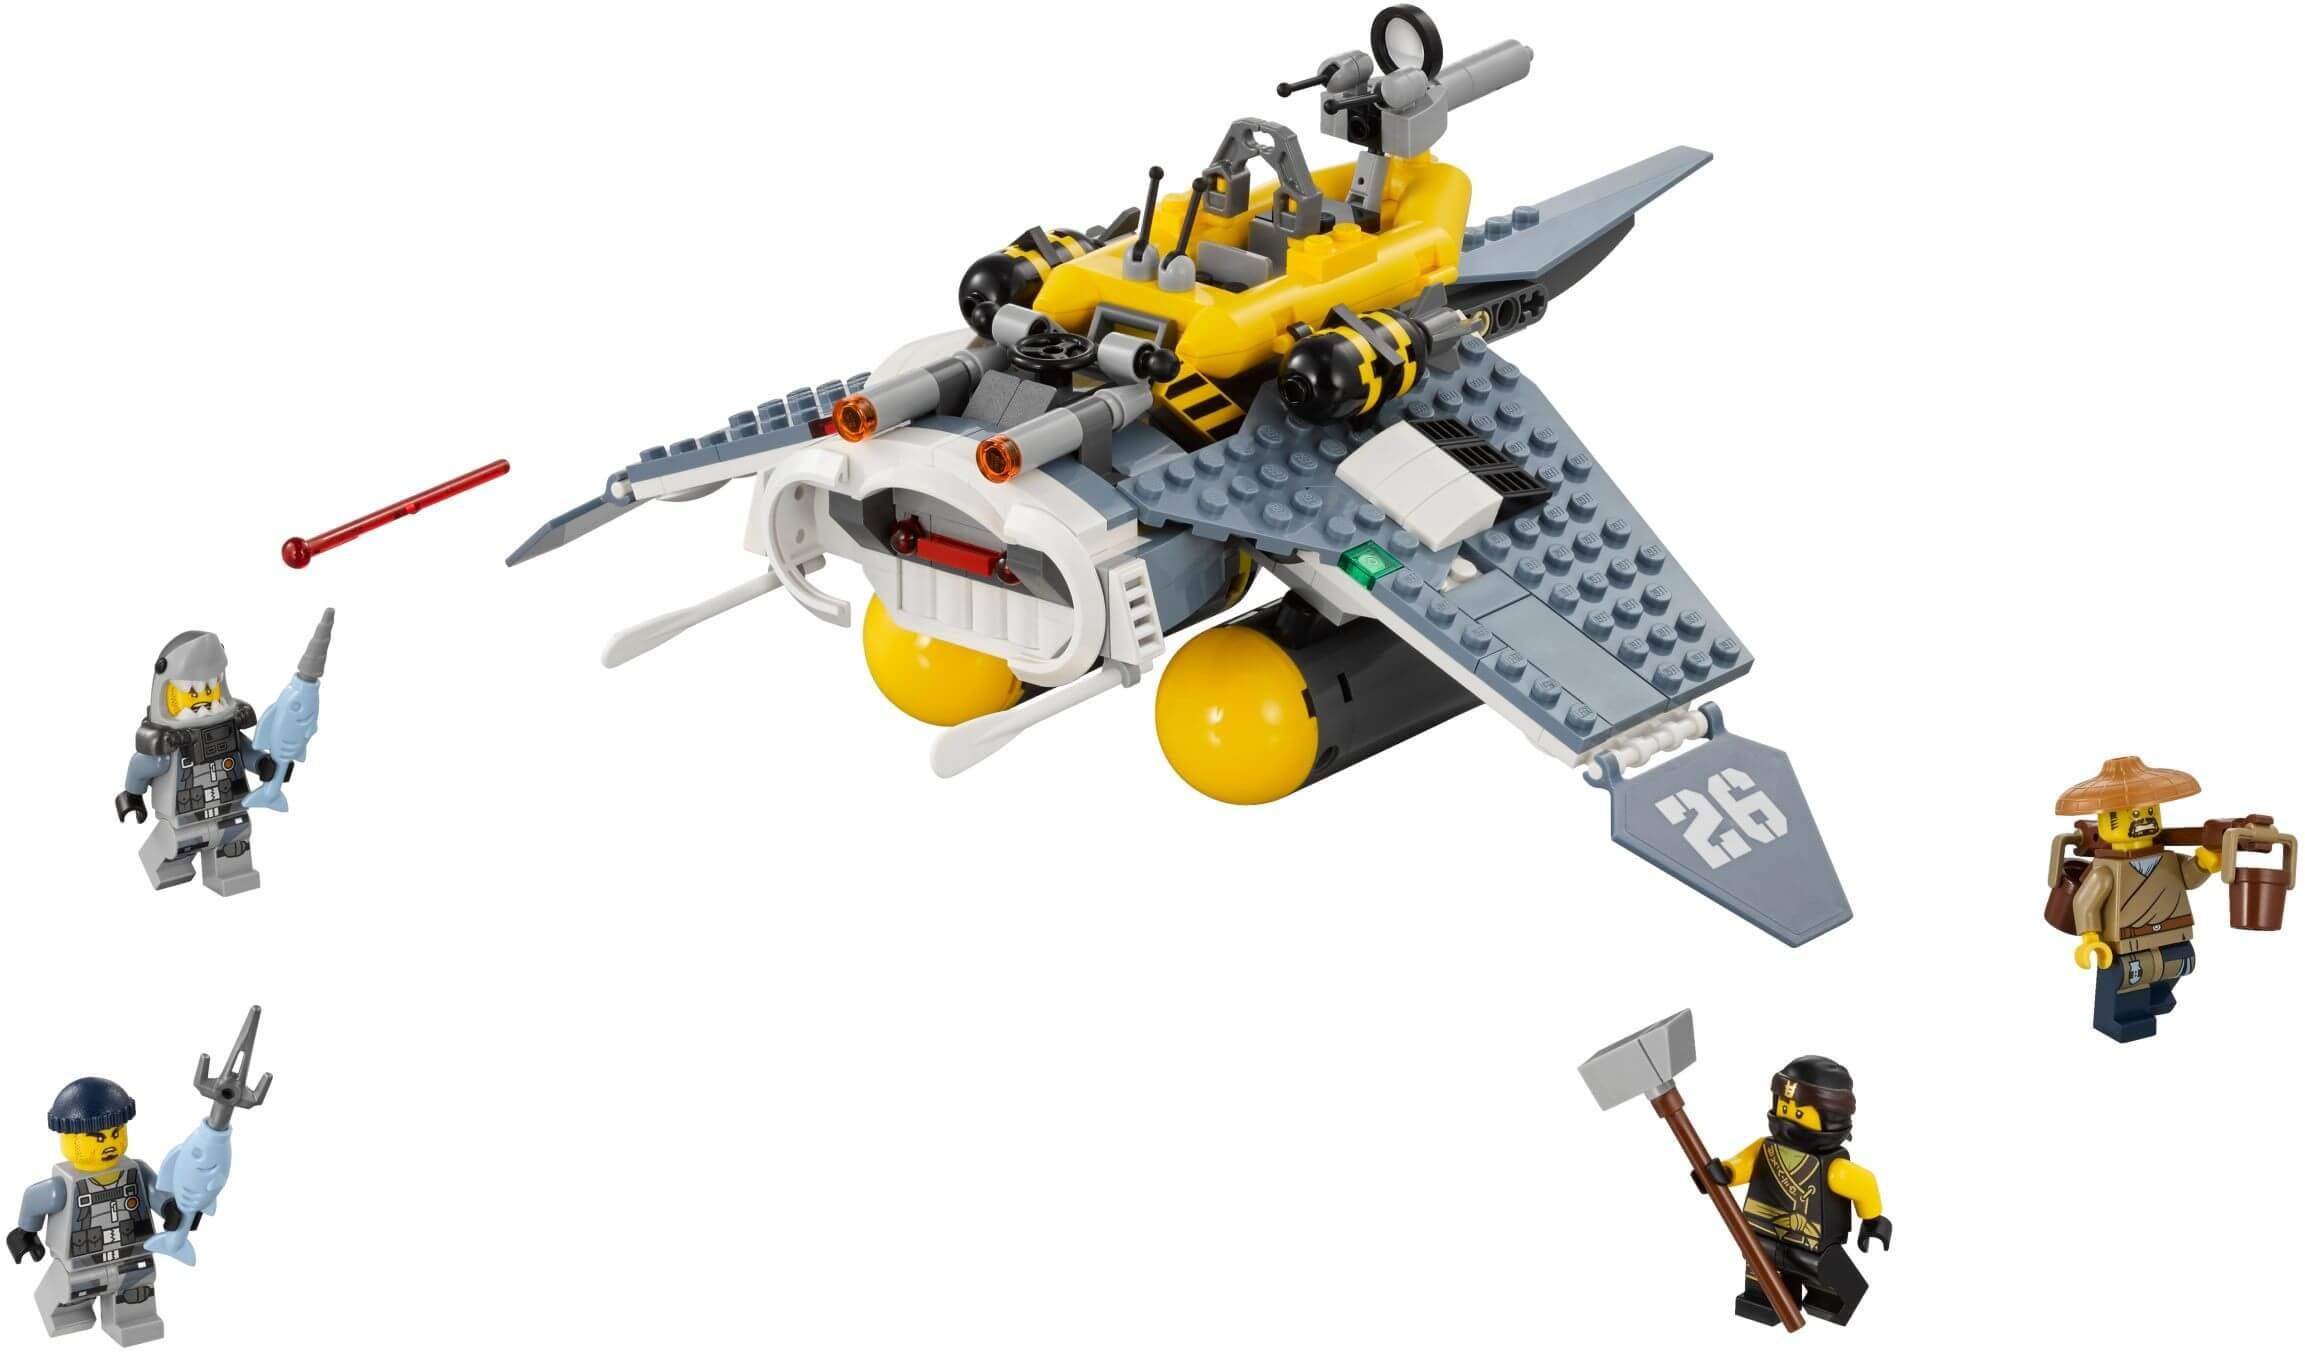 Mua đồ chơi LEGO 70609 - LEGO Ninjago 70609 - Máy Bay Thả Bom của Cole (LEGO Ninjago Manta Ray Bomber)